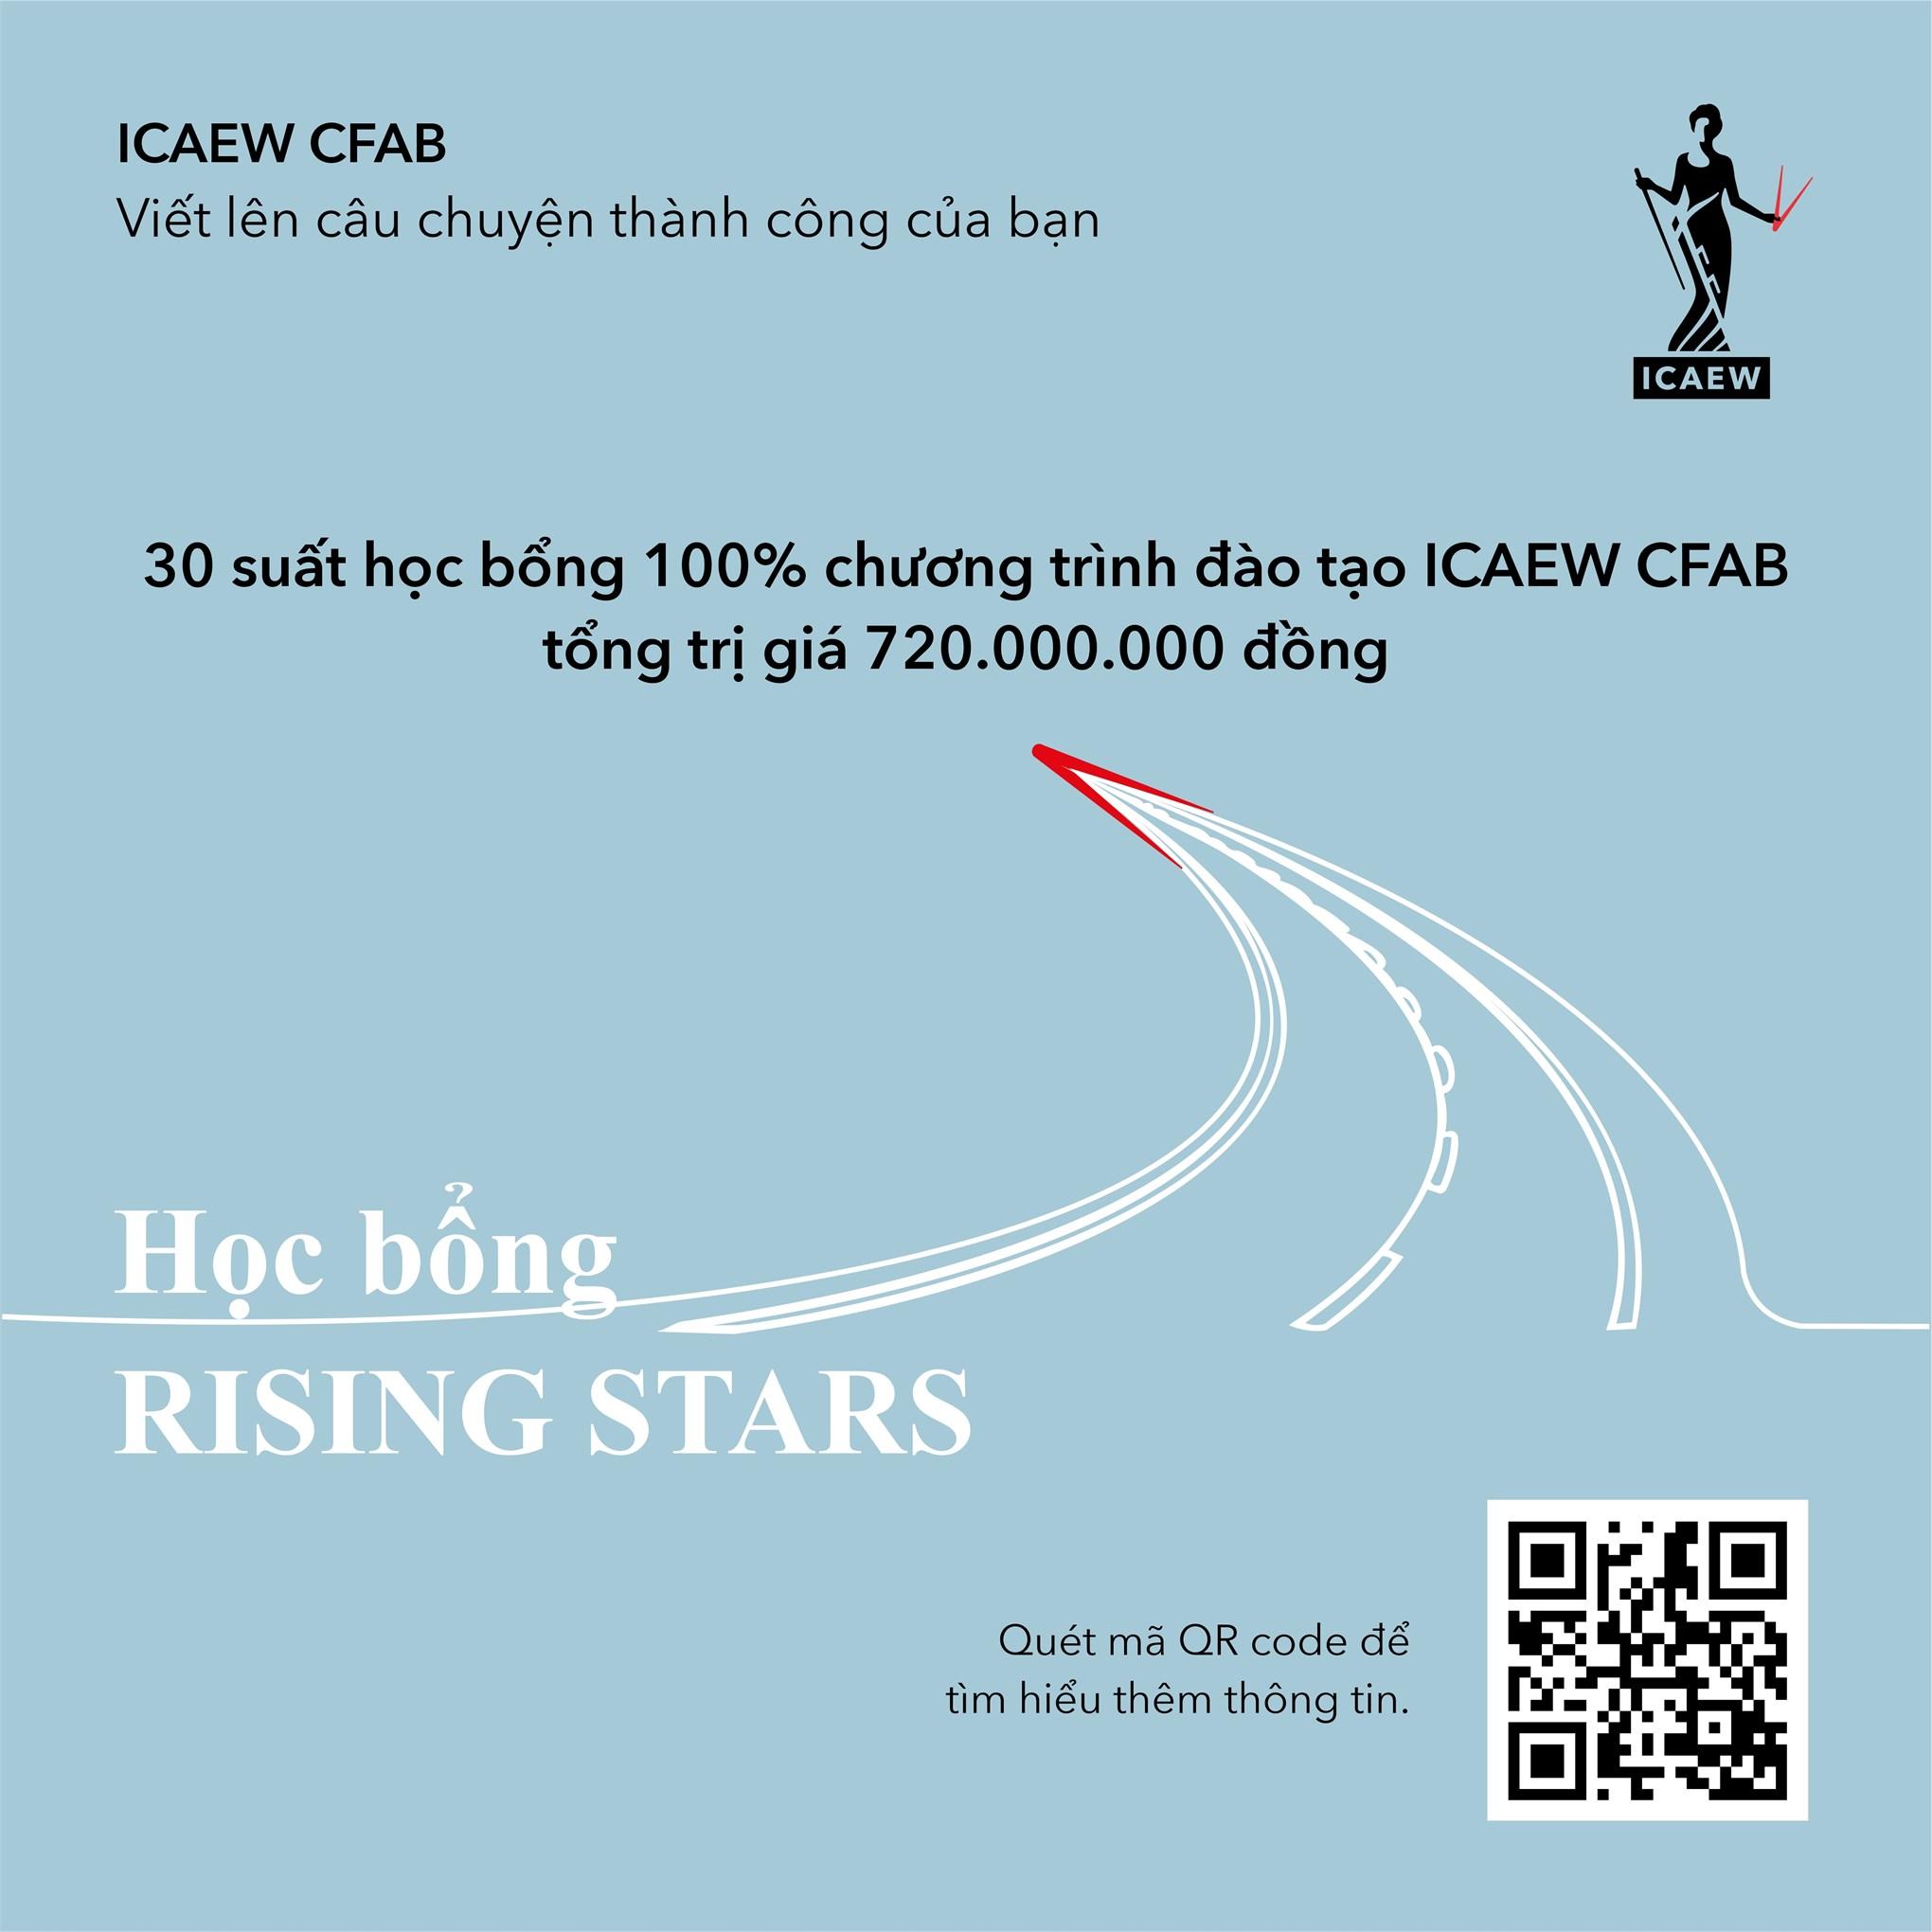 """ICAEW """"RISING STARS"""" SCHOLARSHIP – TÌM KIẾM 30 GƯƠNG MẶT SINH VIÊN VIỆT NAM XUẤT SẮC NHẬN HỌC BỔNG"""